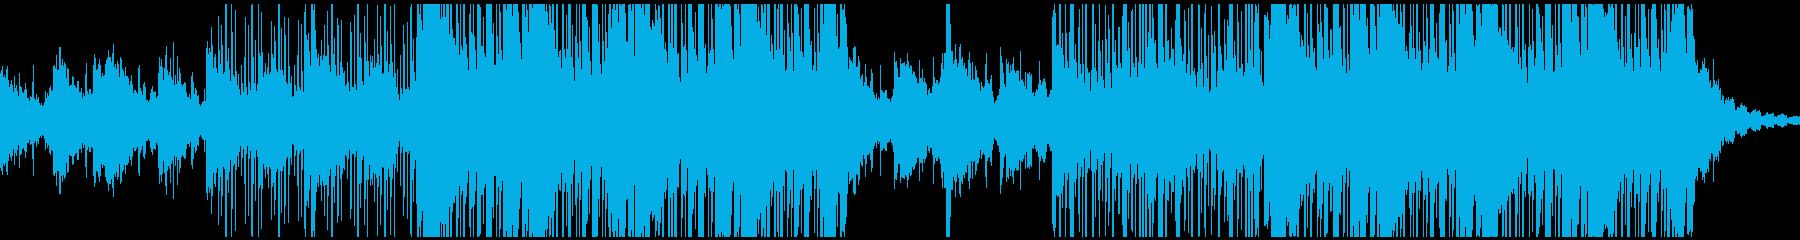 レトロ ドラマチック ピアノ シン...の再生済みの波形